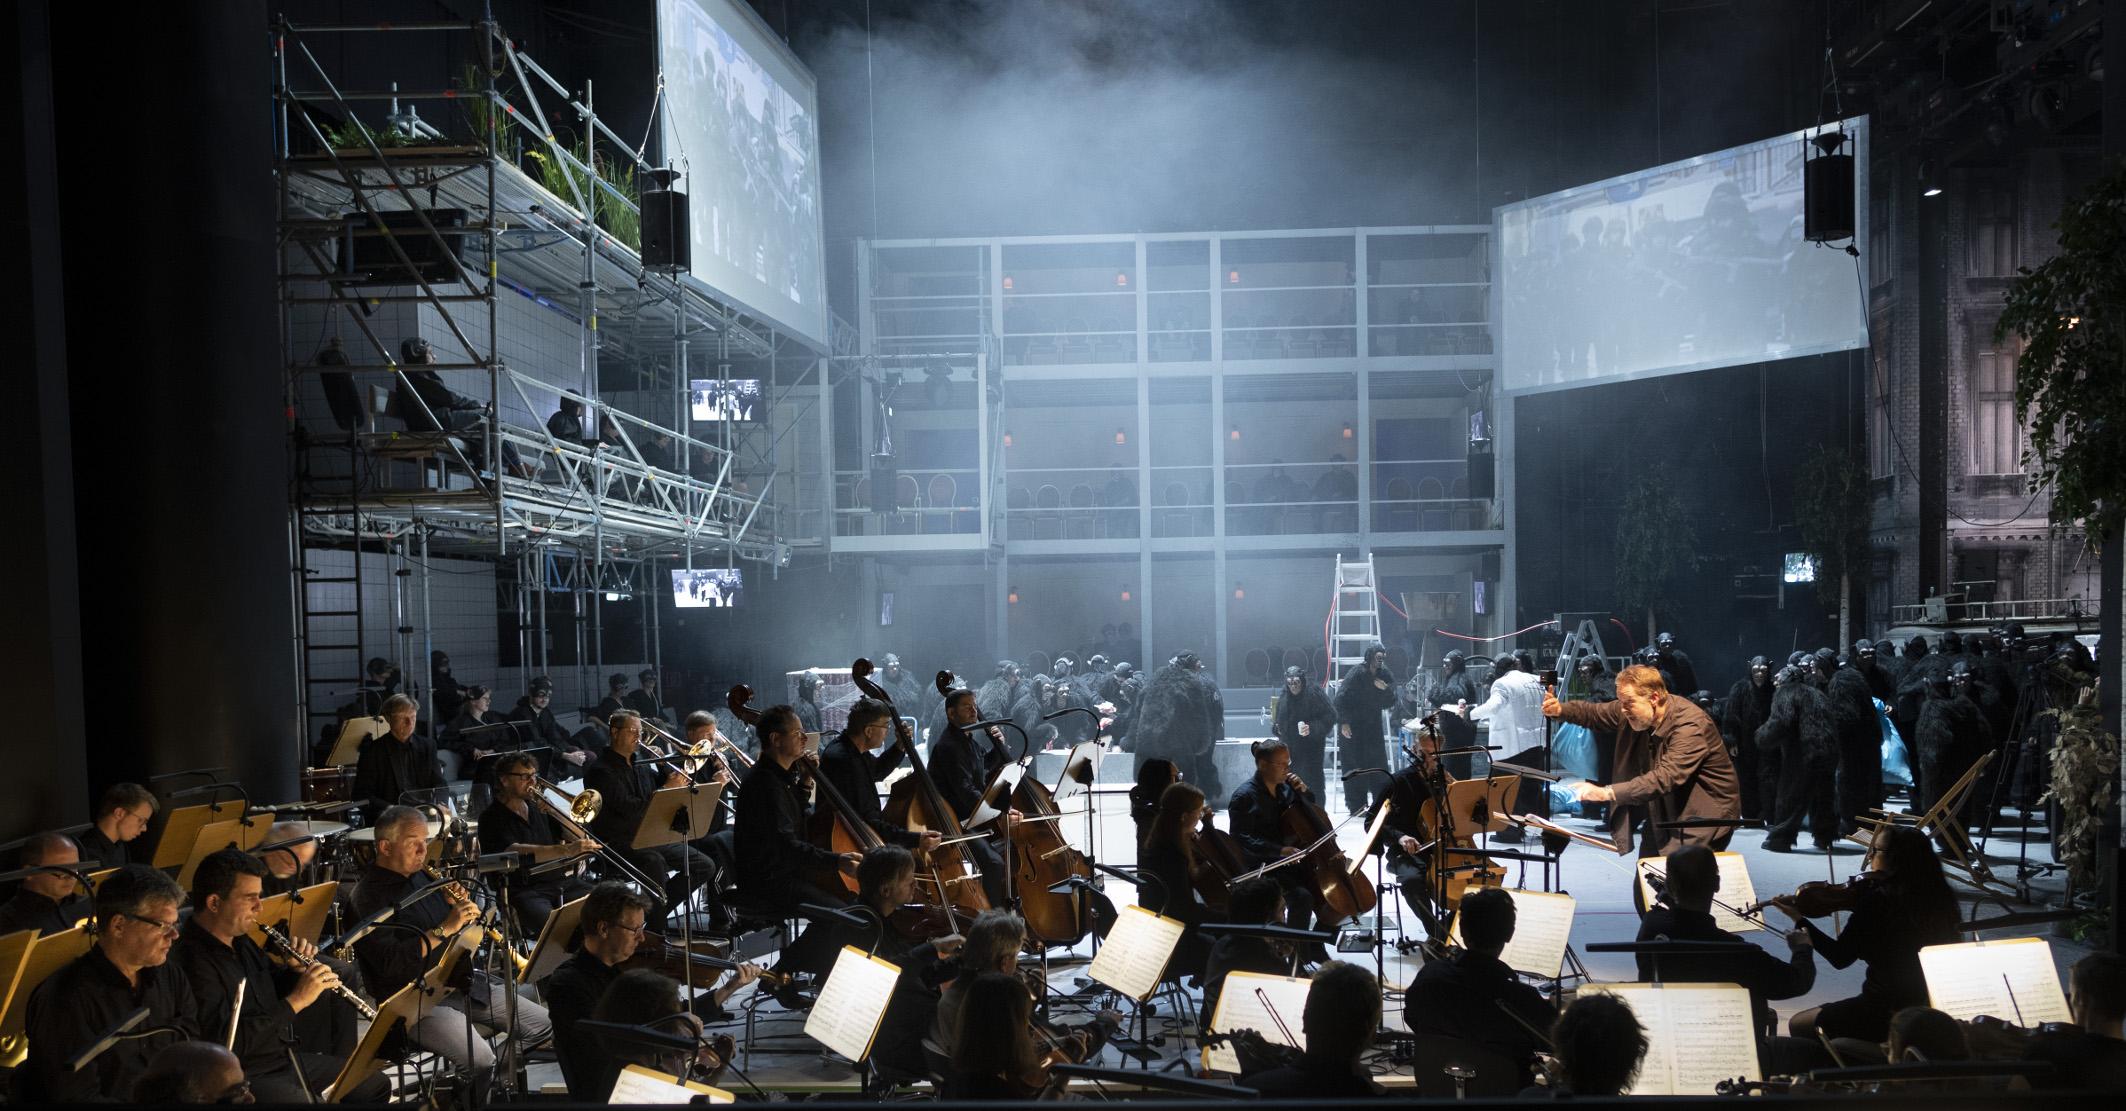 Christopher Sprenger, Staatskapelle Halle, Chor und Extrachor der Oper Halle, Statisterie der Oper Halle